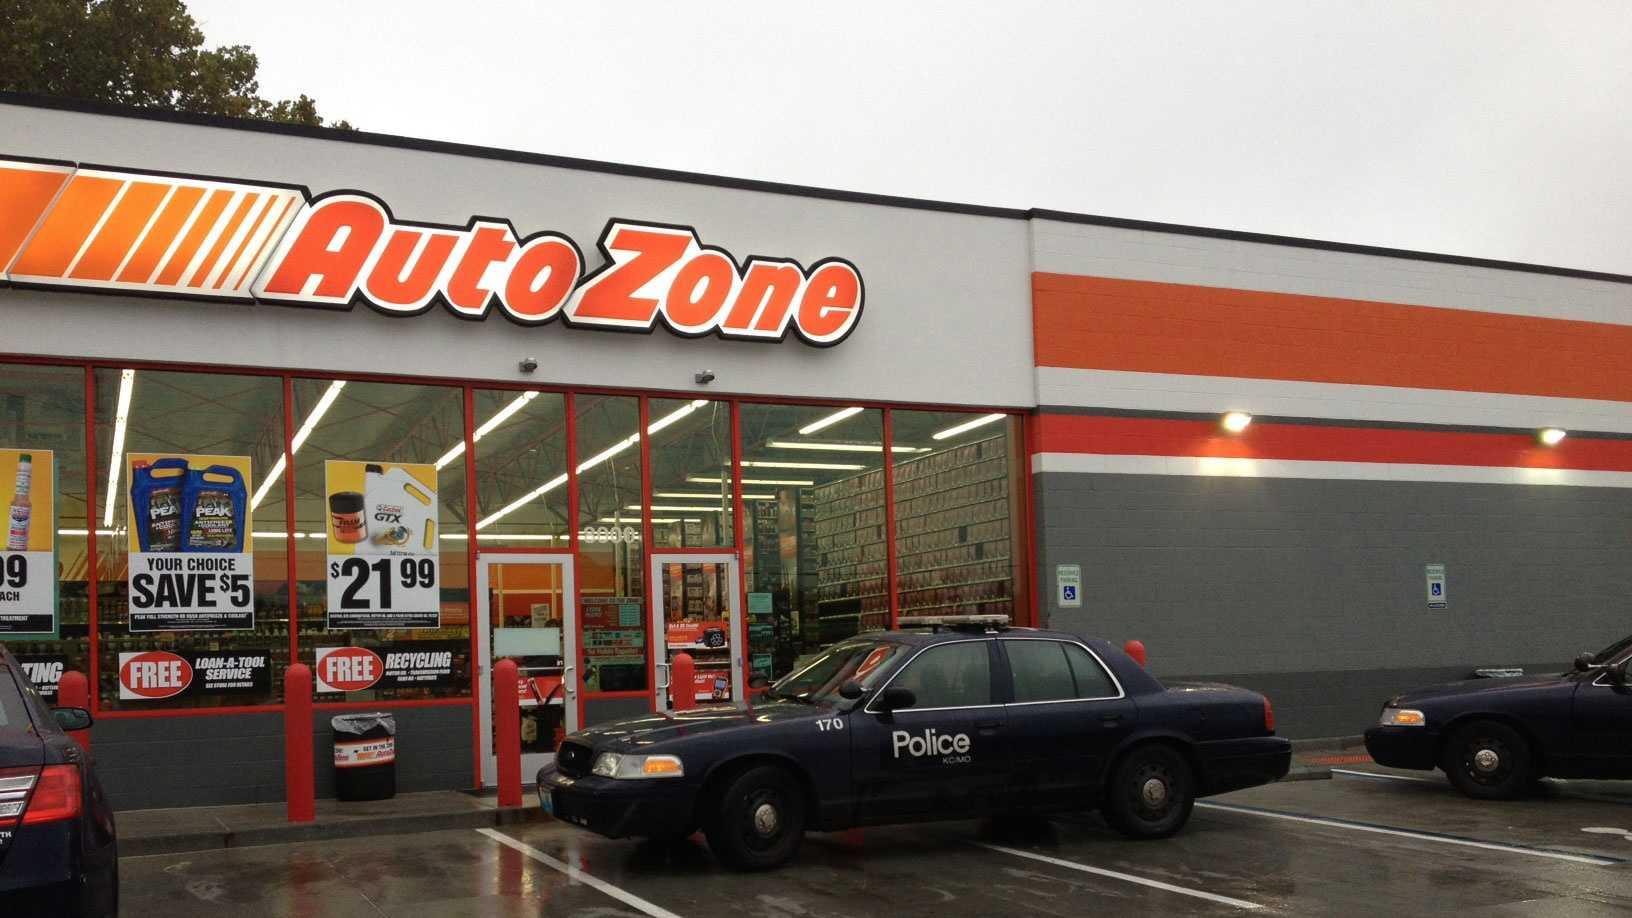 Waldo Autozone robbery